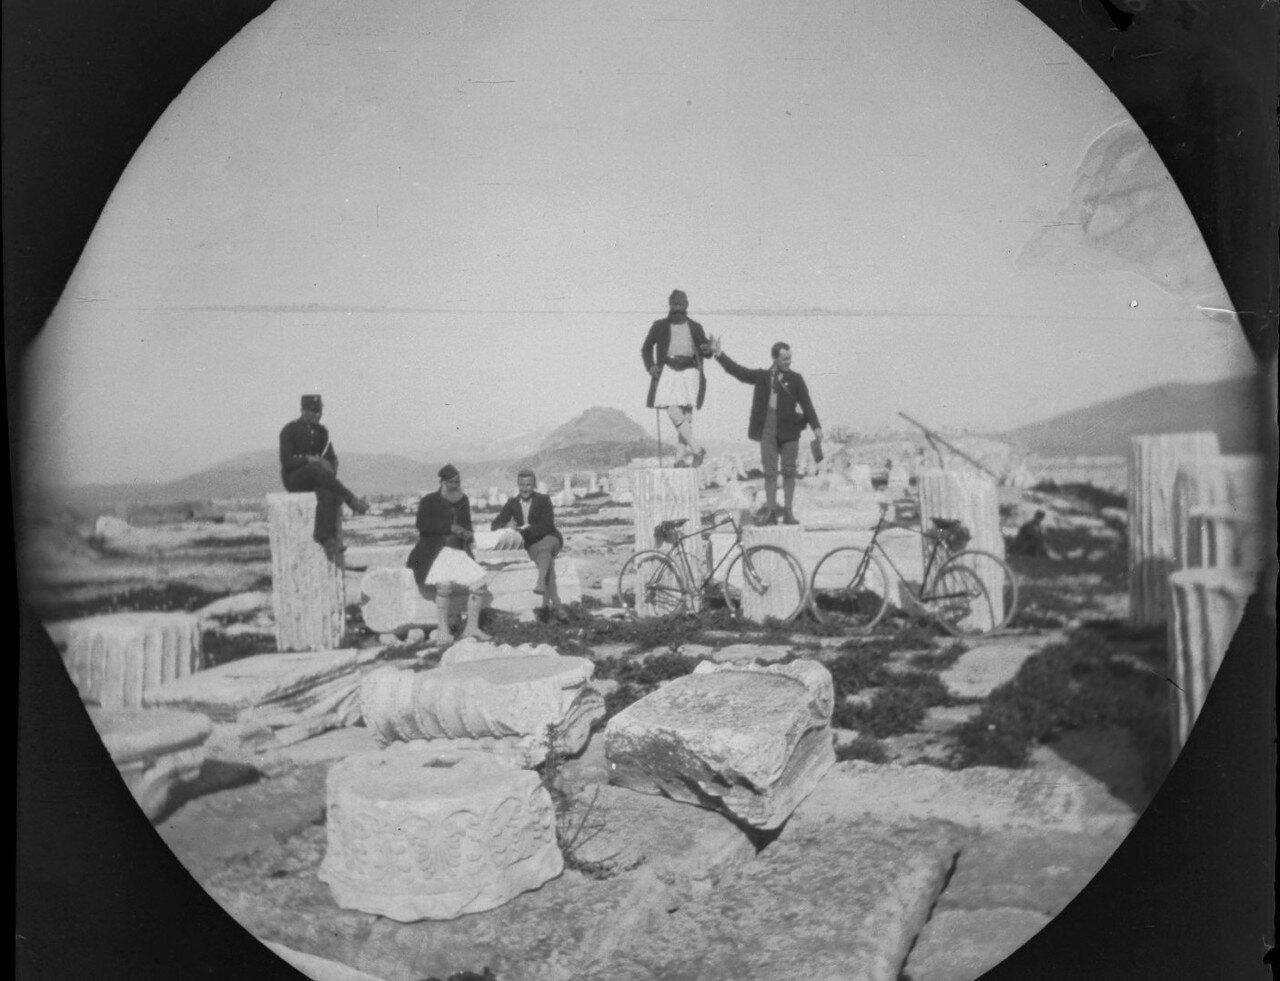 Уильям Захтлебен, Том Аллен и три охранника Акрополя на фрагментах колонн